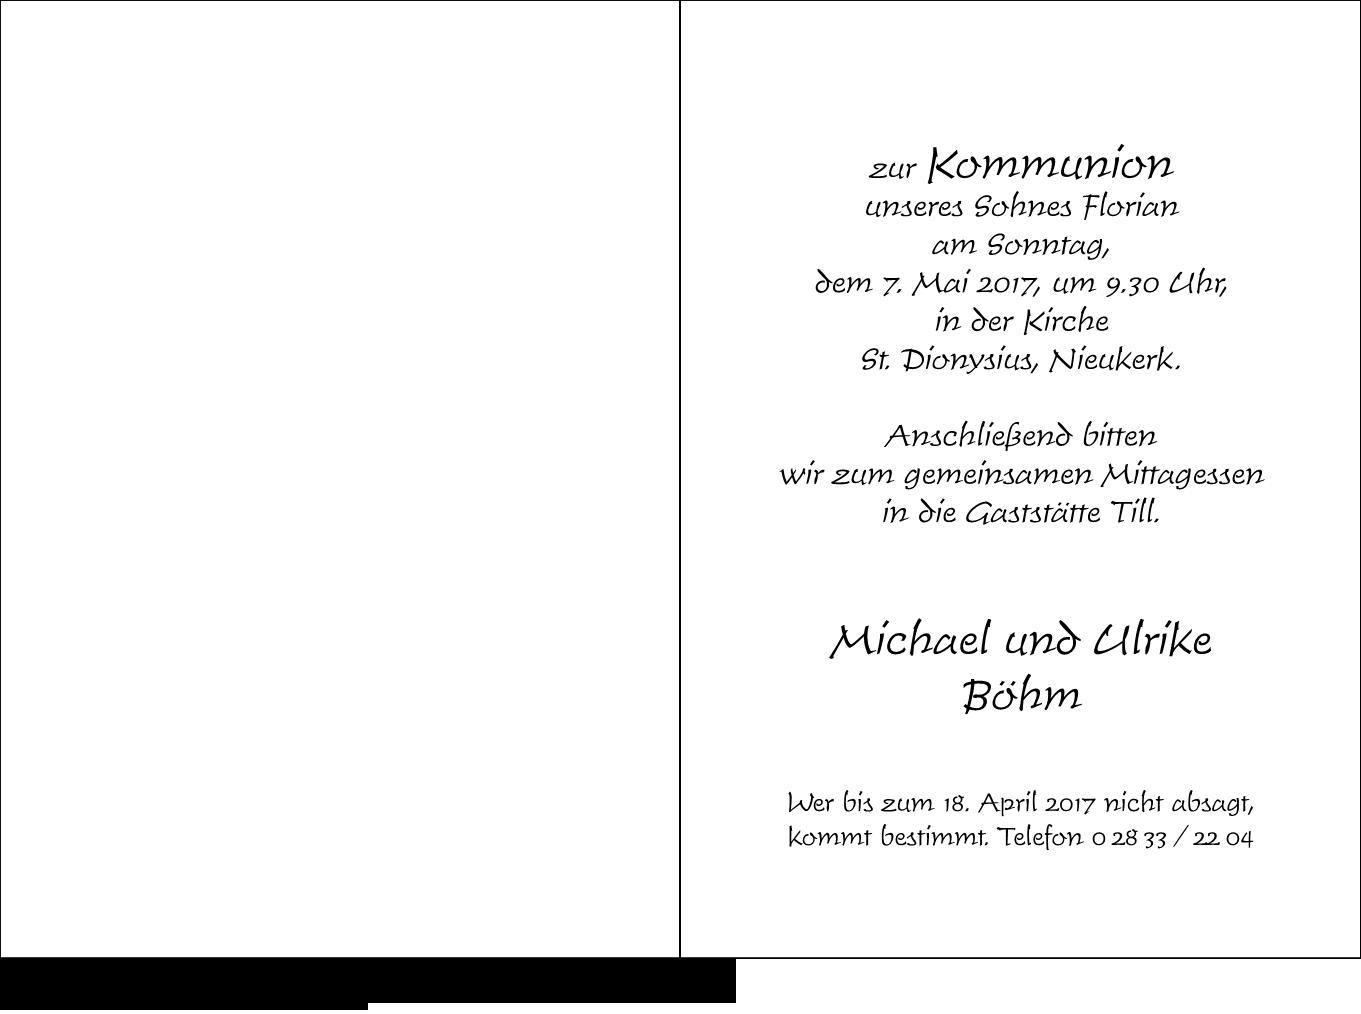 Kommunion Karte Schreiben.Paperado Kommunion Weiss